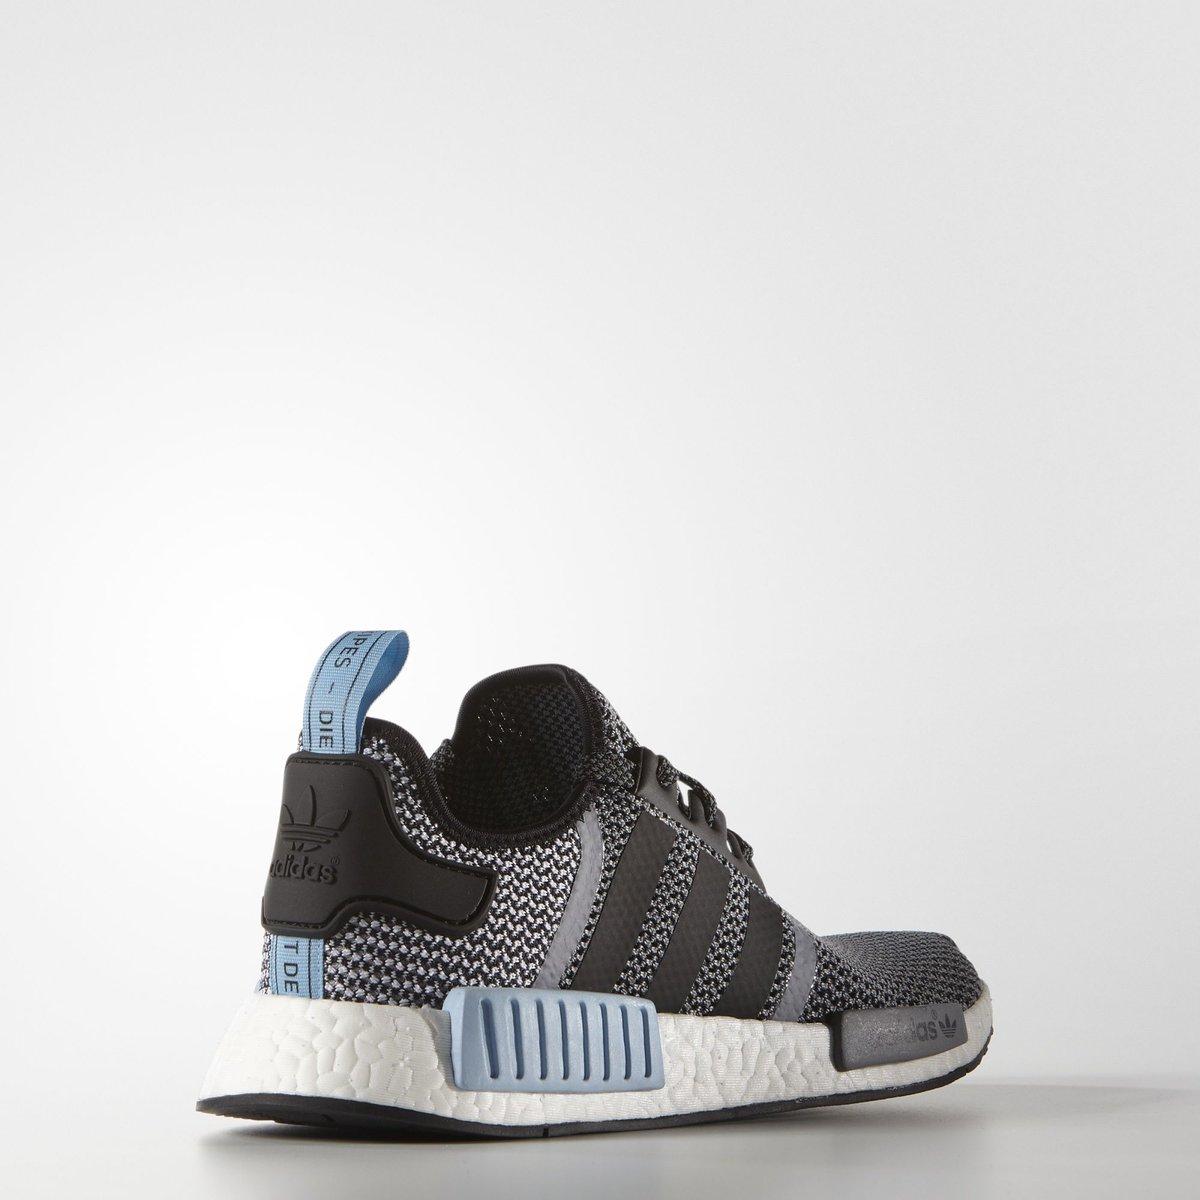 Nmd Adidas 17